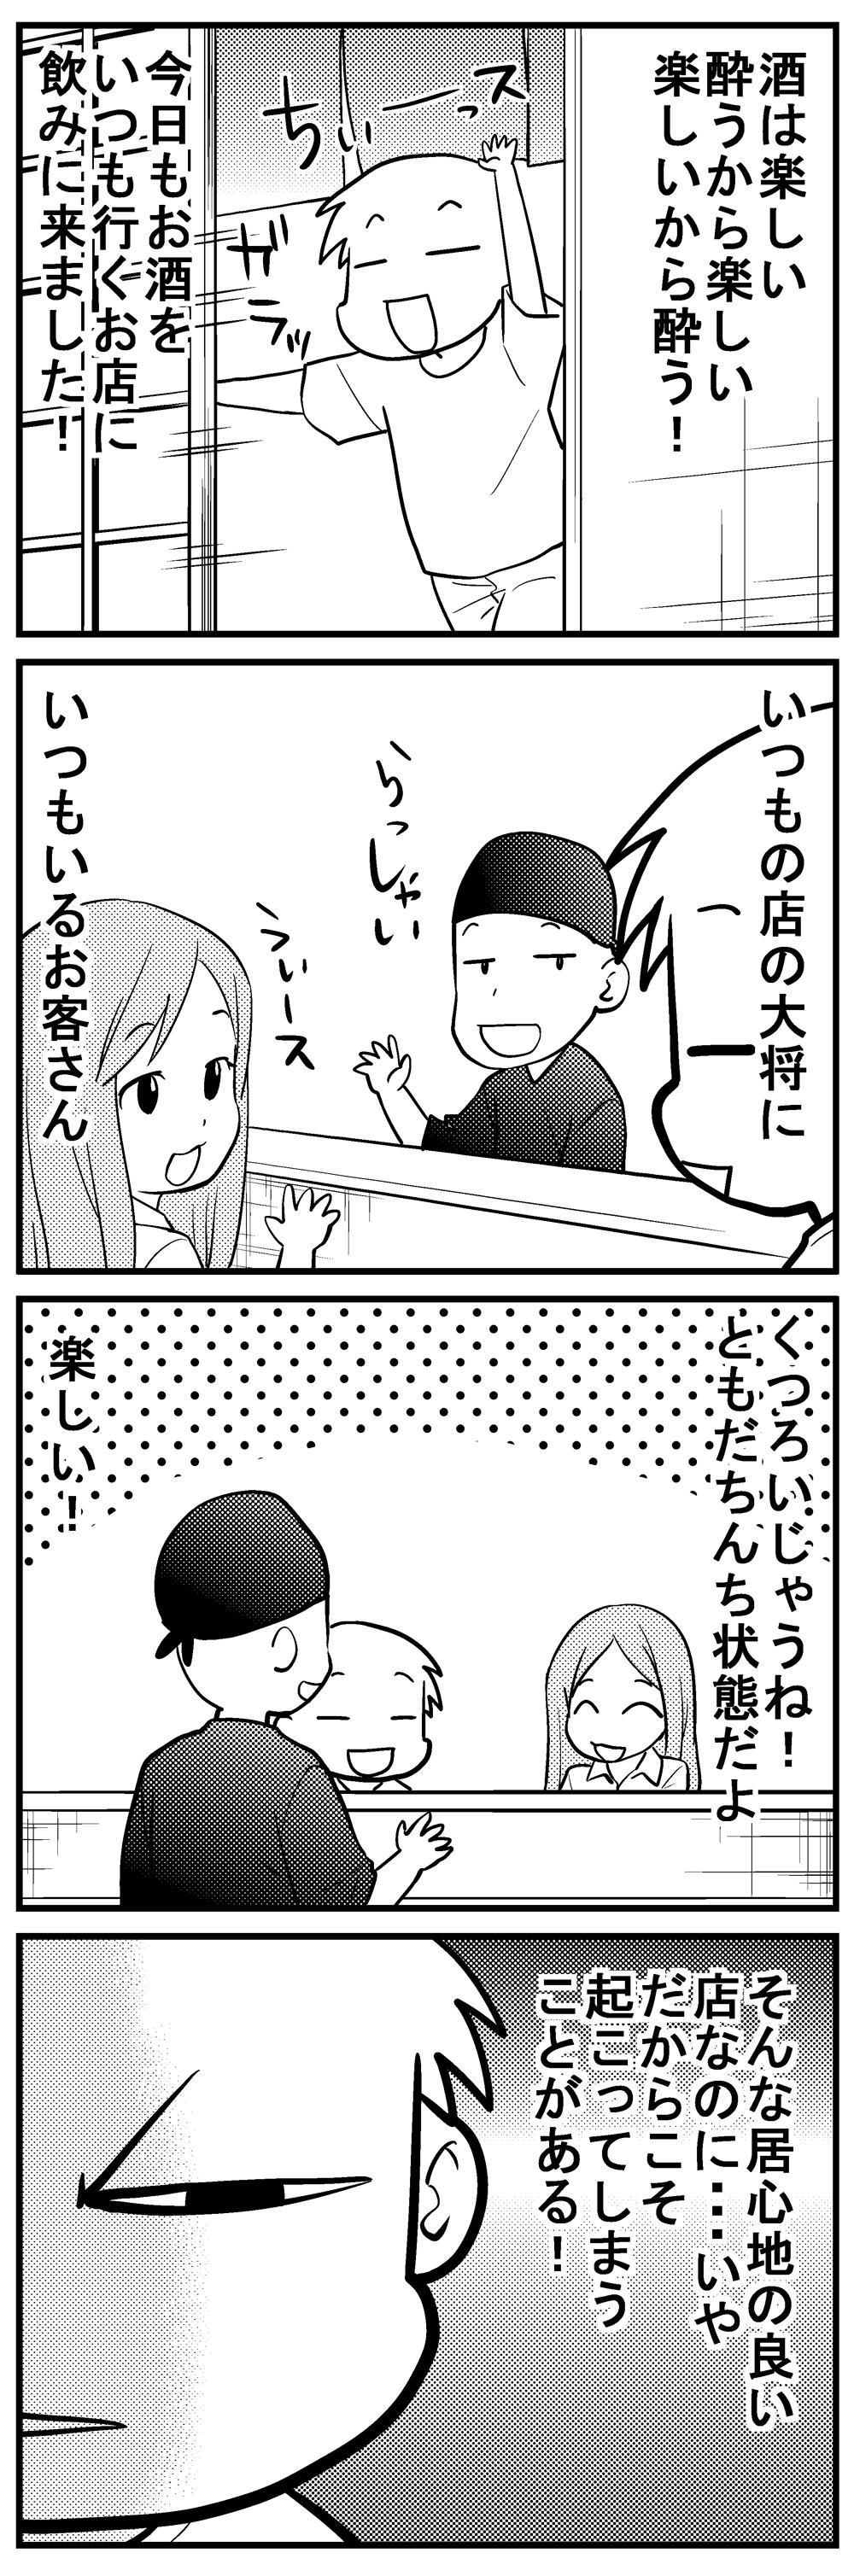 深読みくん57-1